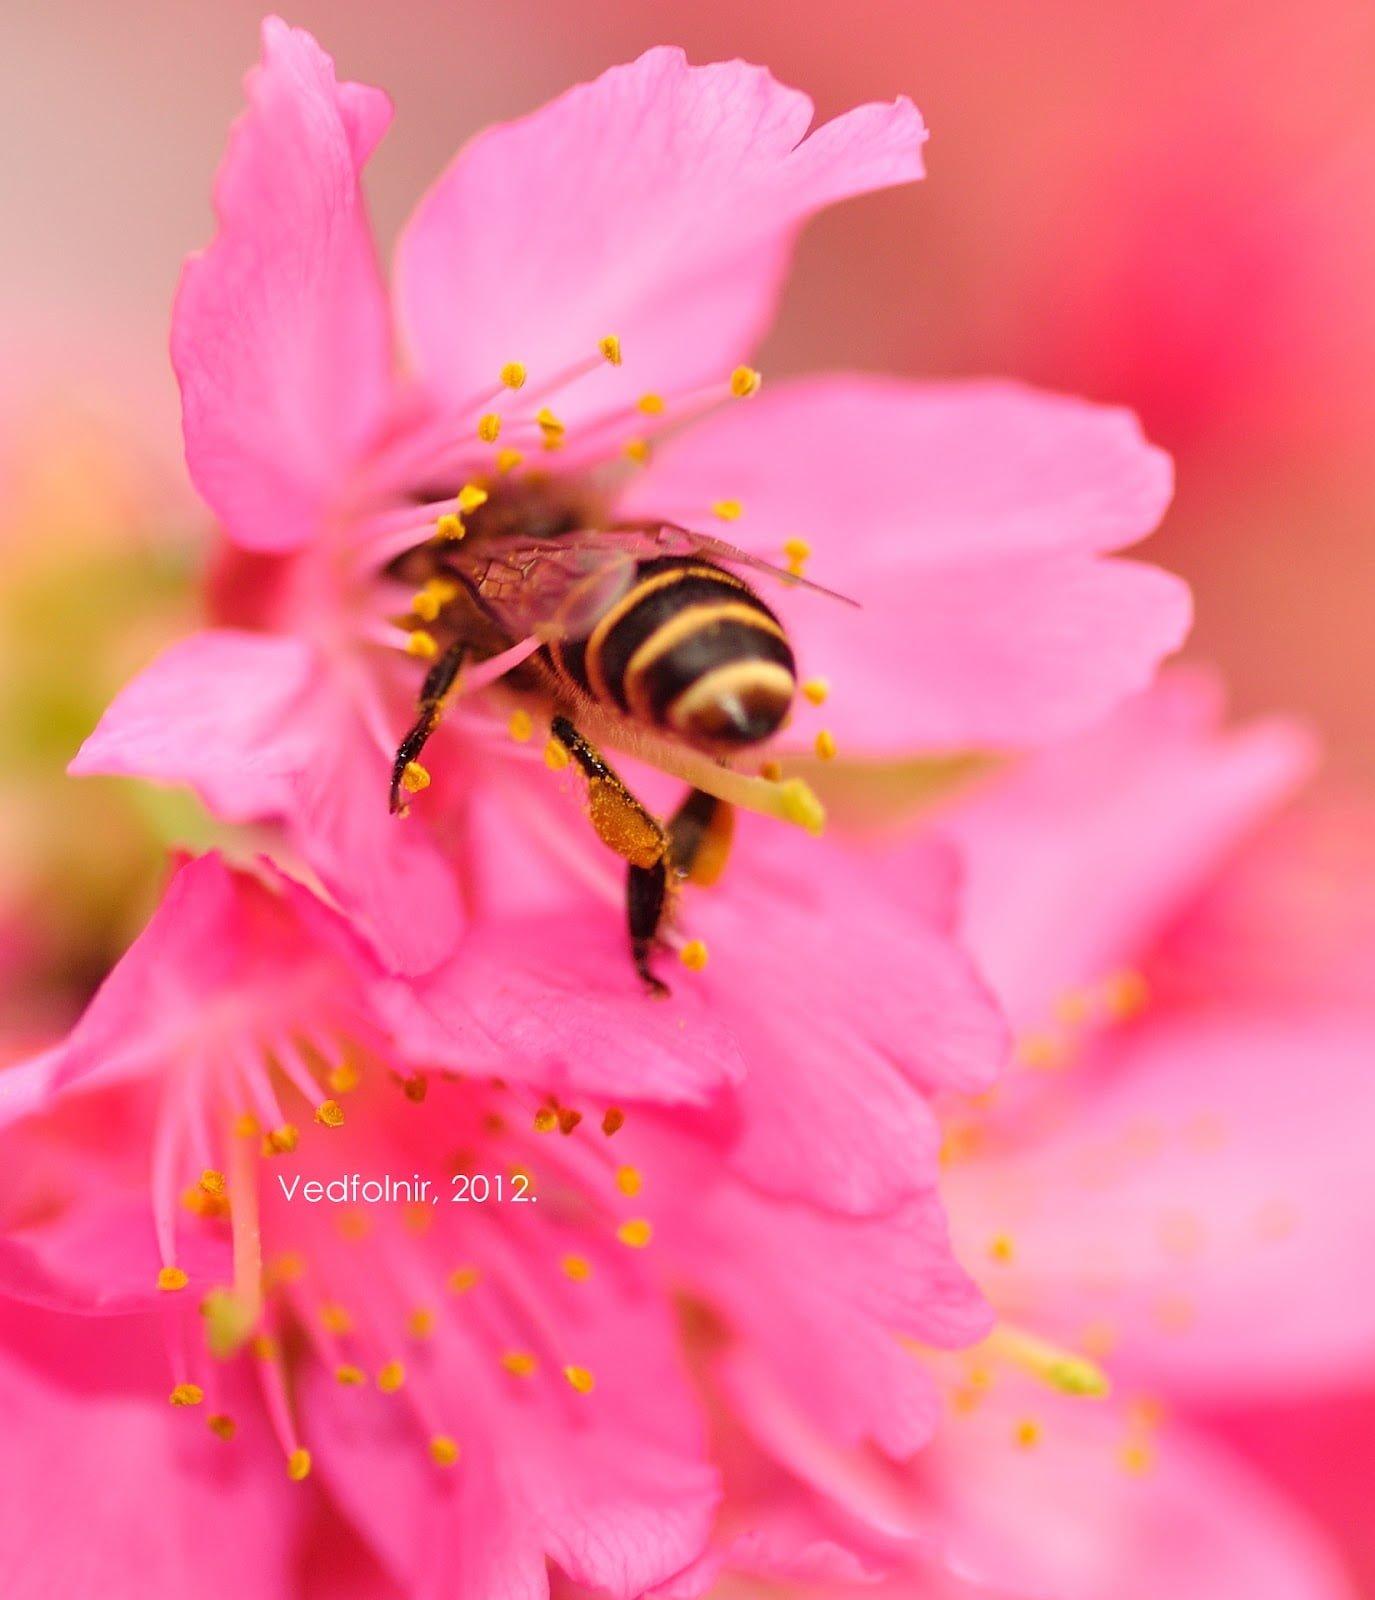 蜜蜂被櫻花吃掉了。